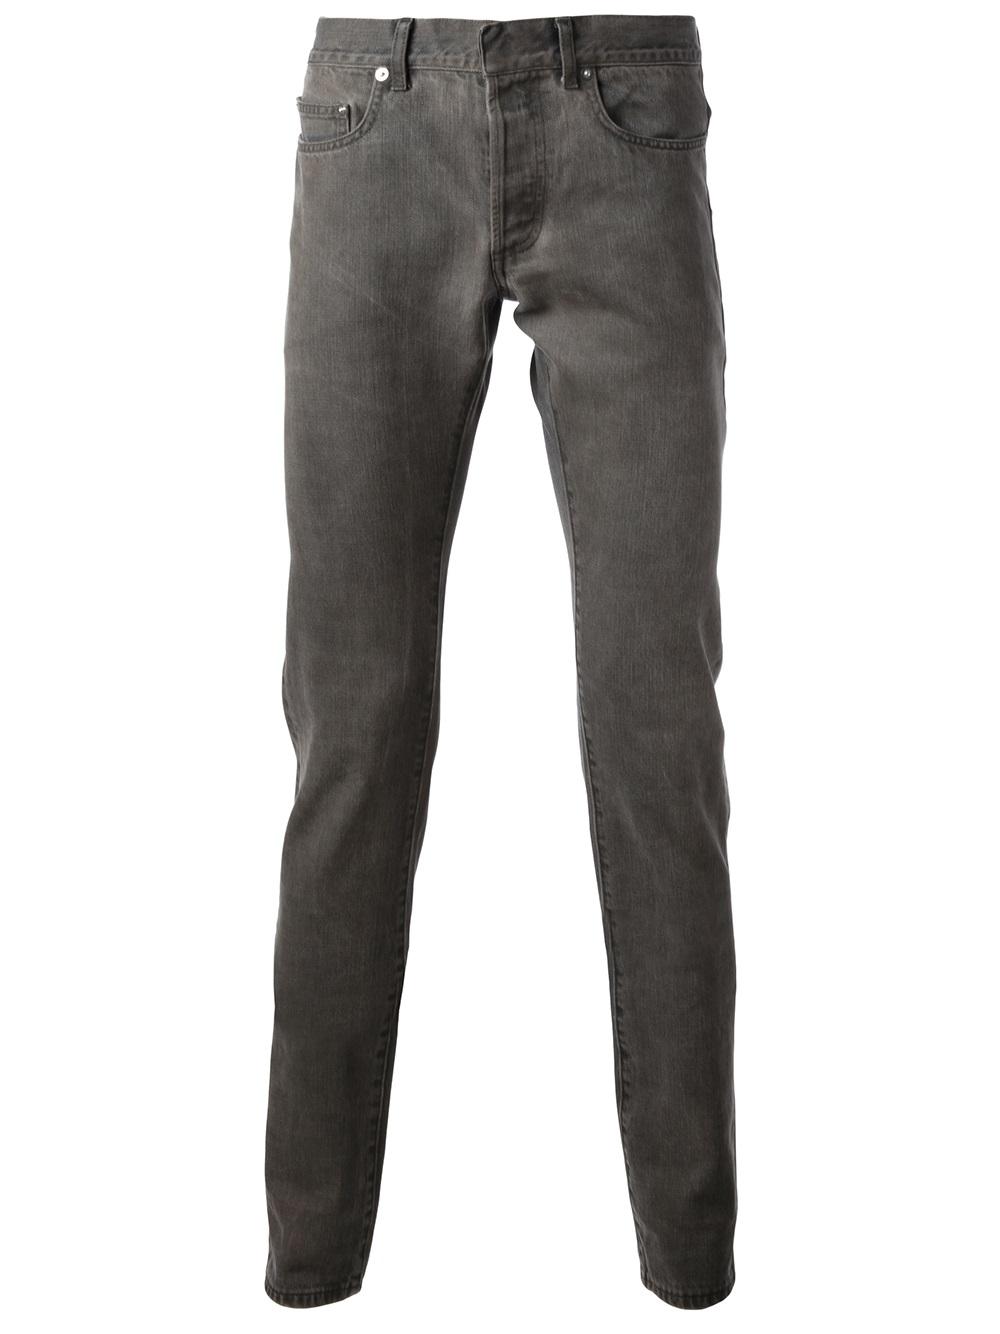 lyst dior homme slim jean in gray for men. Black Bedroom Furniture Sets. Home Design Ideas